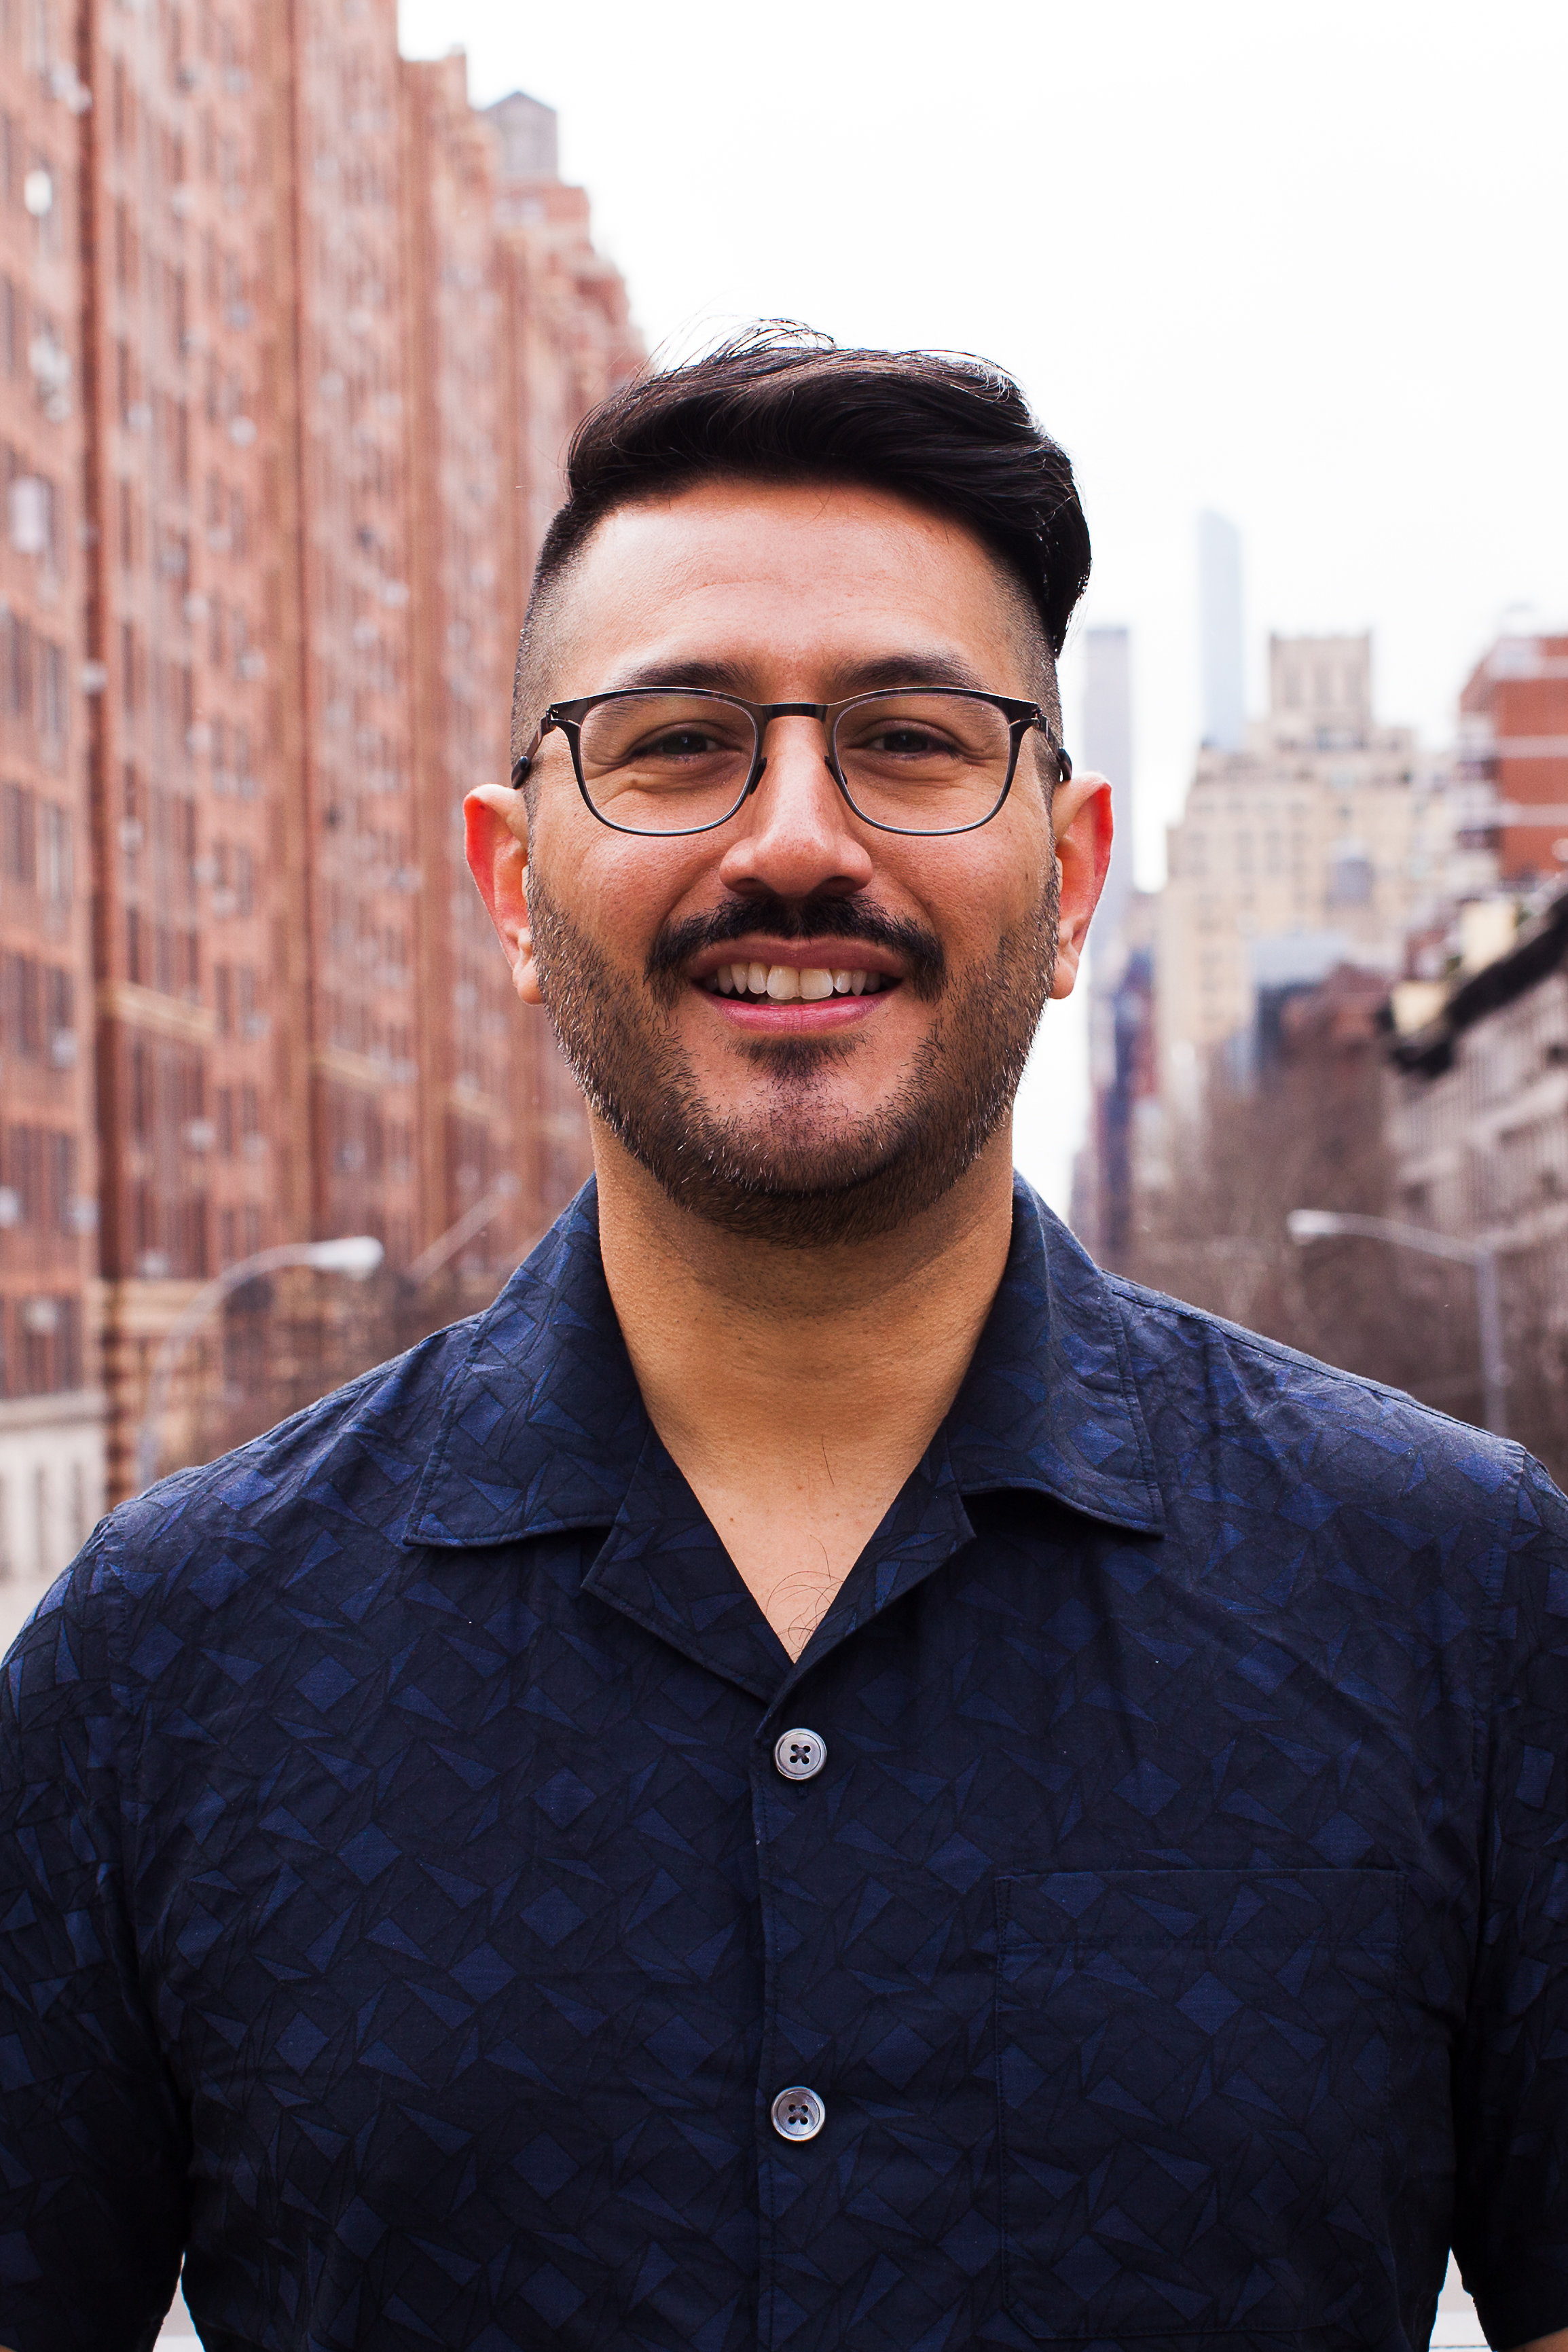 Carlos Rojas / Editor